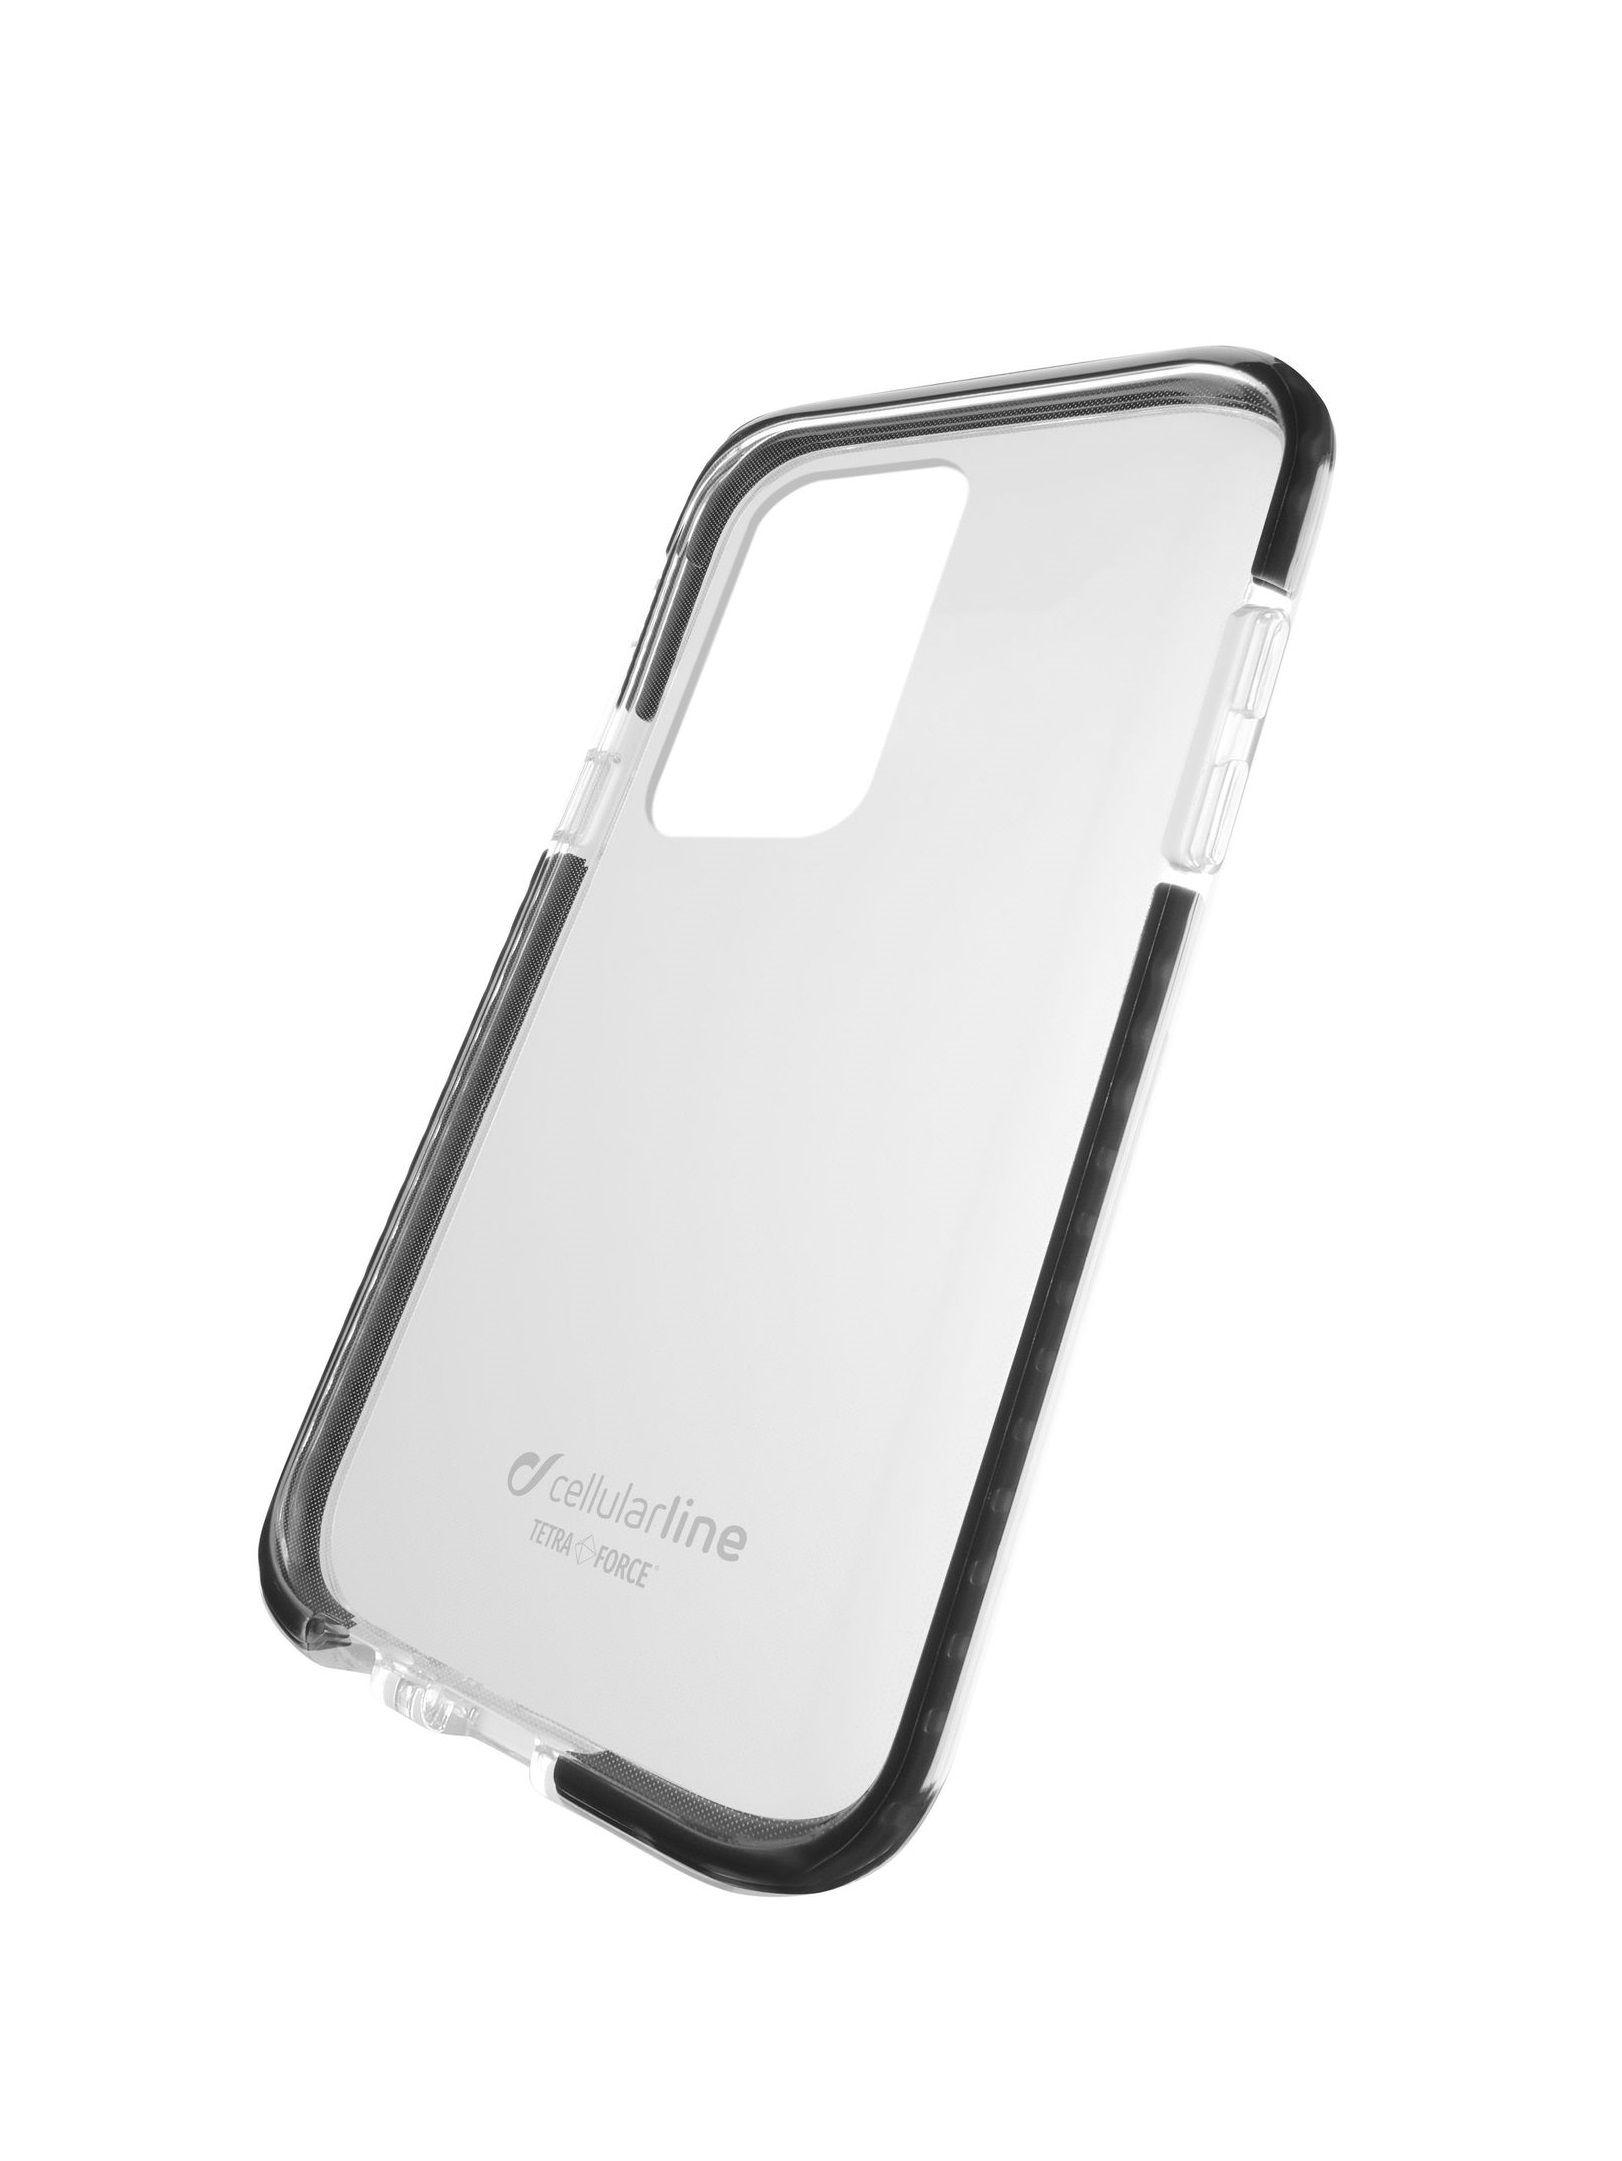 Ultra ochranné pouzdro Cellularline Tetra Force Shock-Twist pro Samsung Galaxy S20+, 2 stupně ochrany, transp.